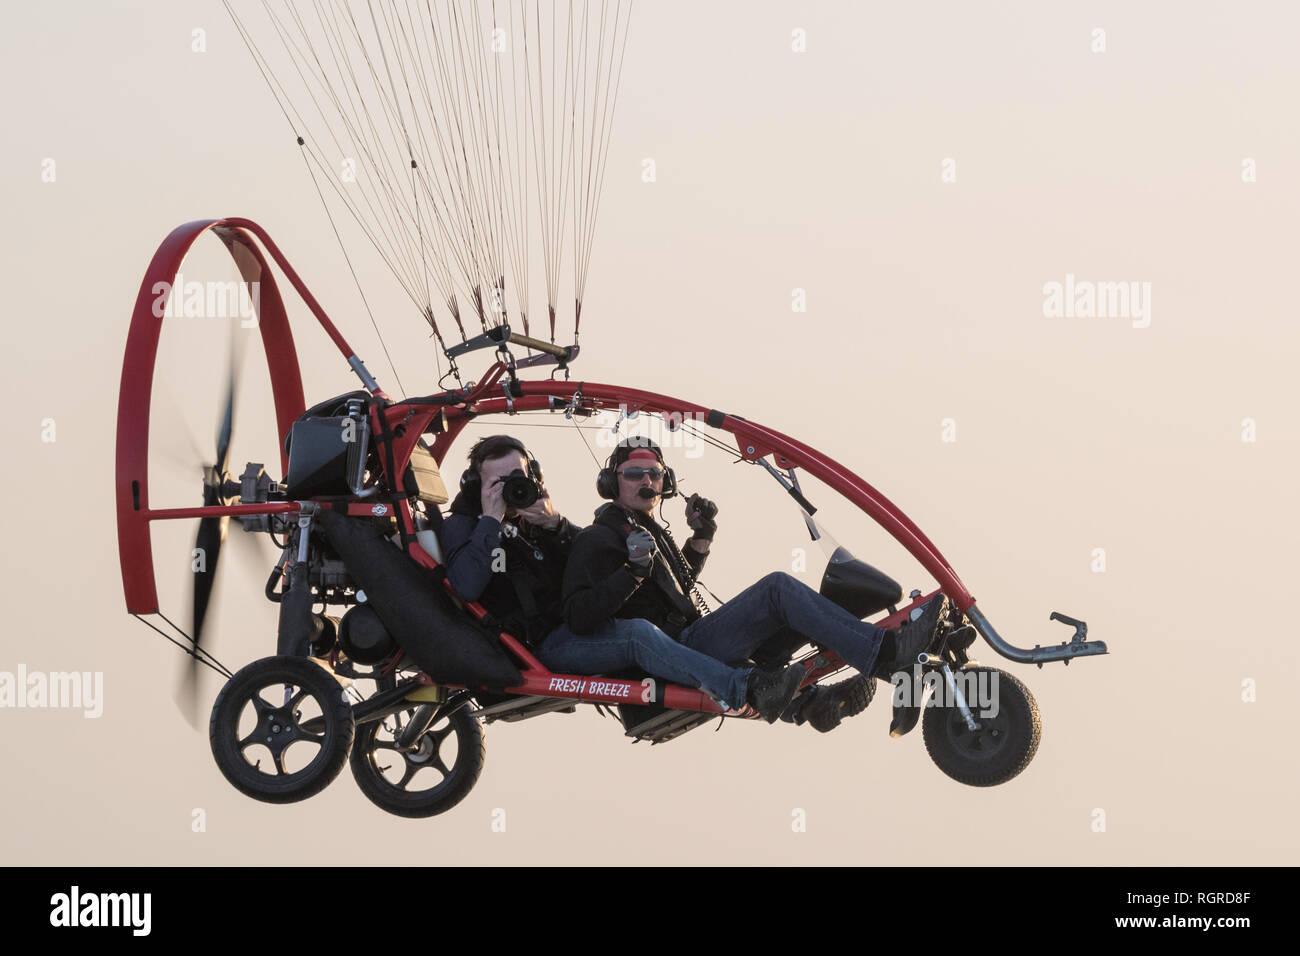 Arabian Pilot Stock Photos & Arabian Pilot Stock Images - Alamy